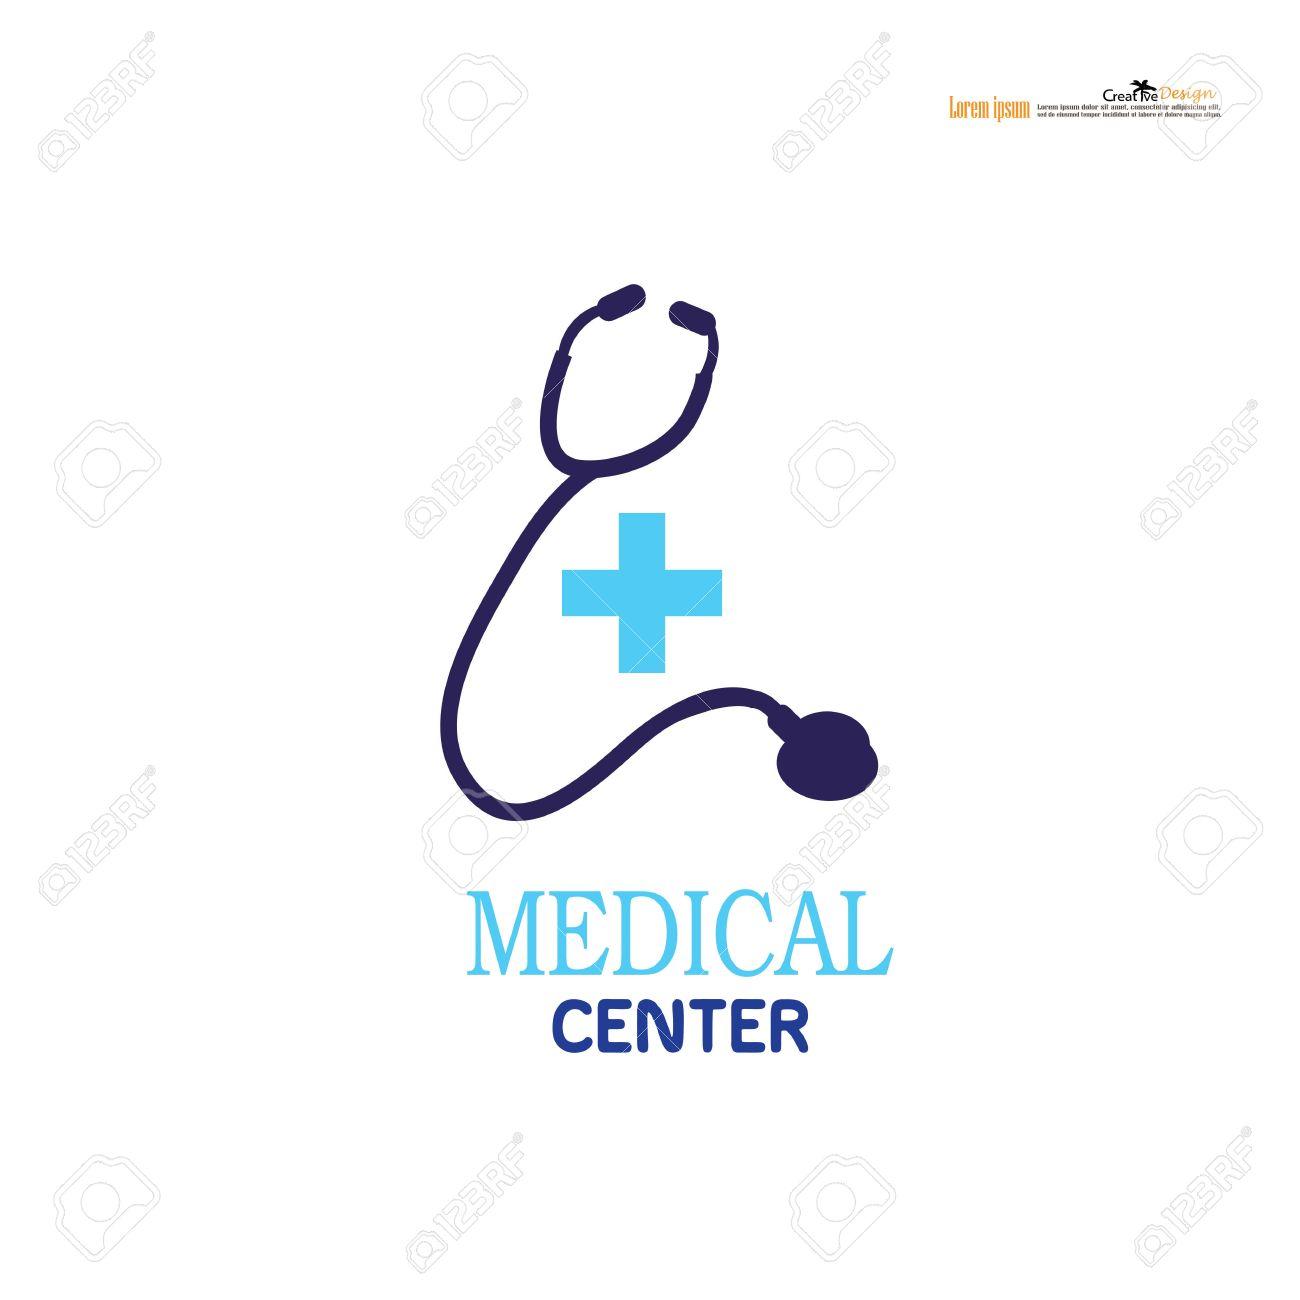 medical logo medical center logo health logo doctor logo rh 123rf com doctor logo meaning doctor logon countess of chester